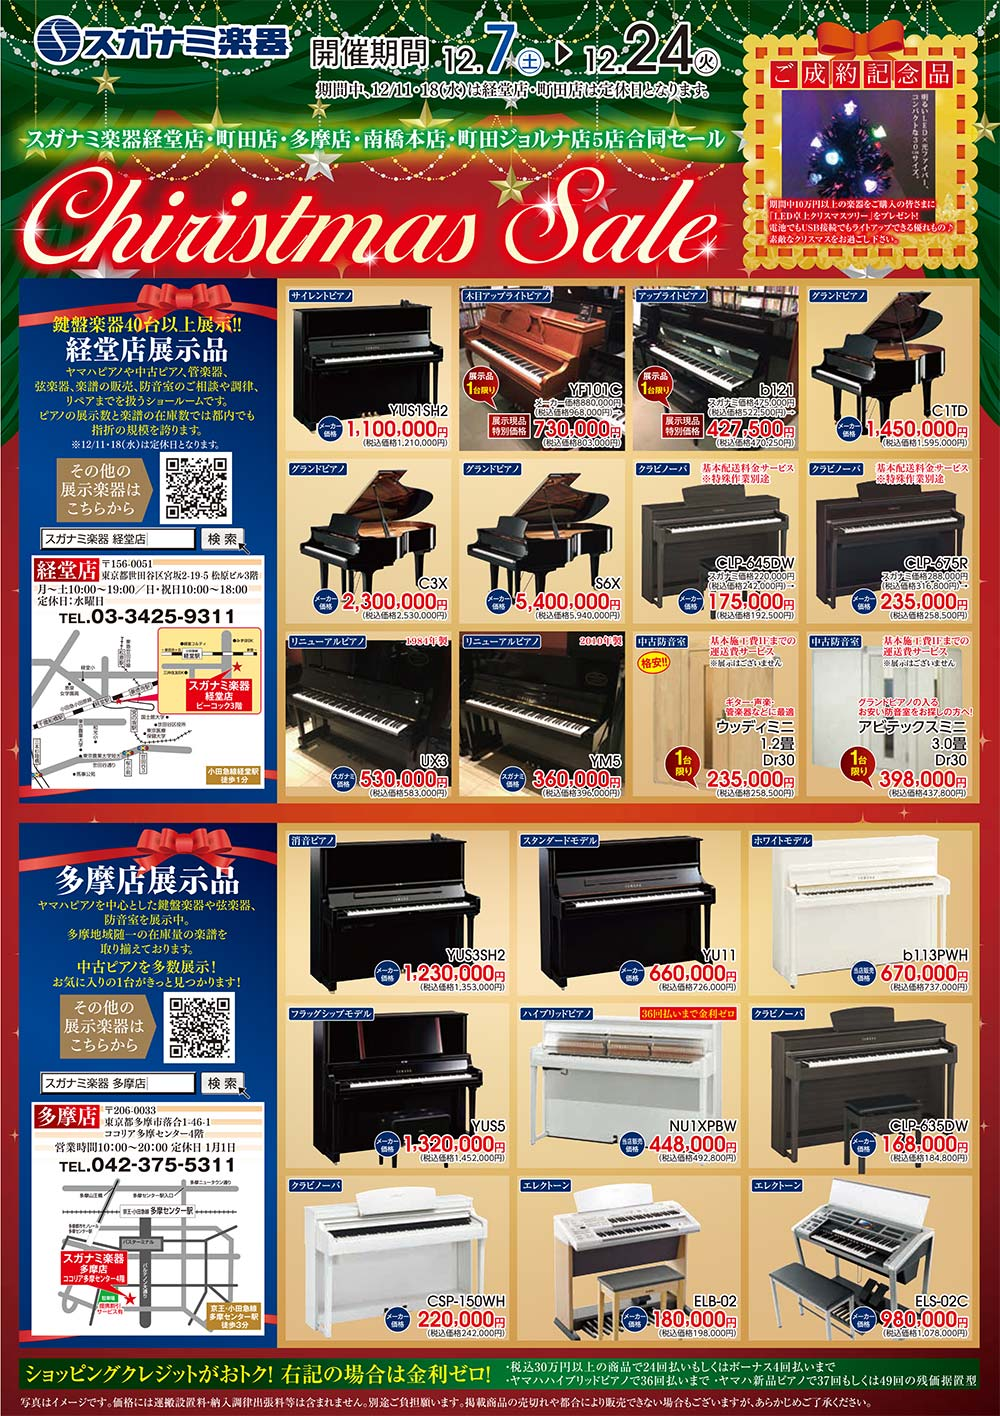 スガナミ楽器クリスマスセールピアノがお買い得